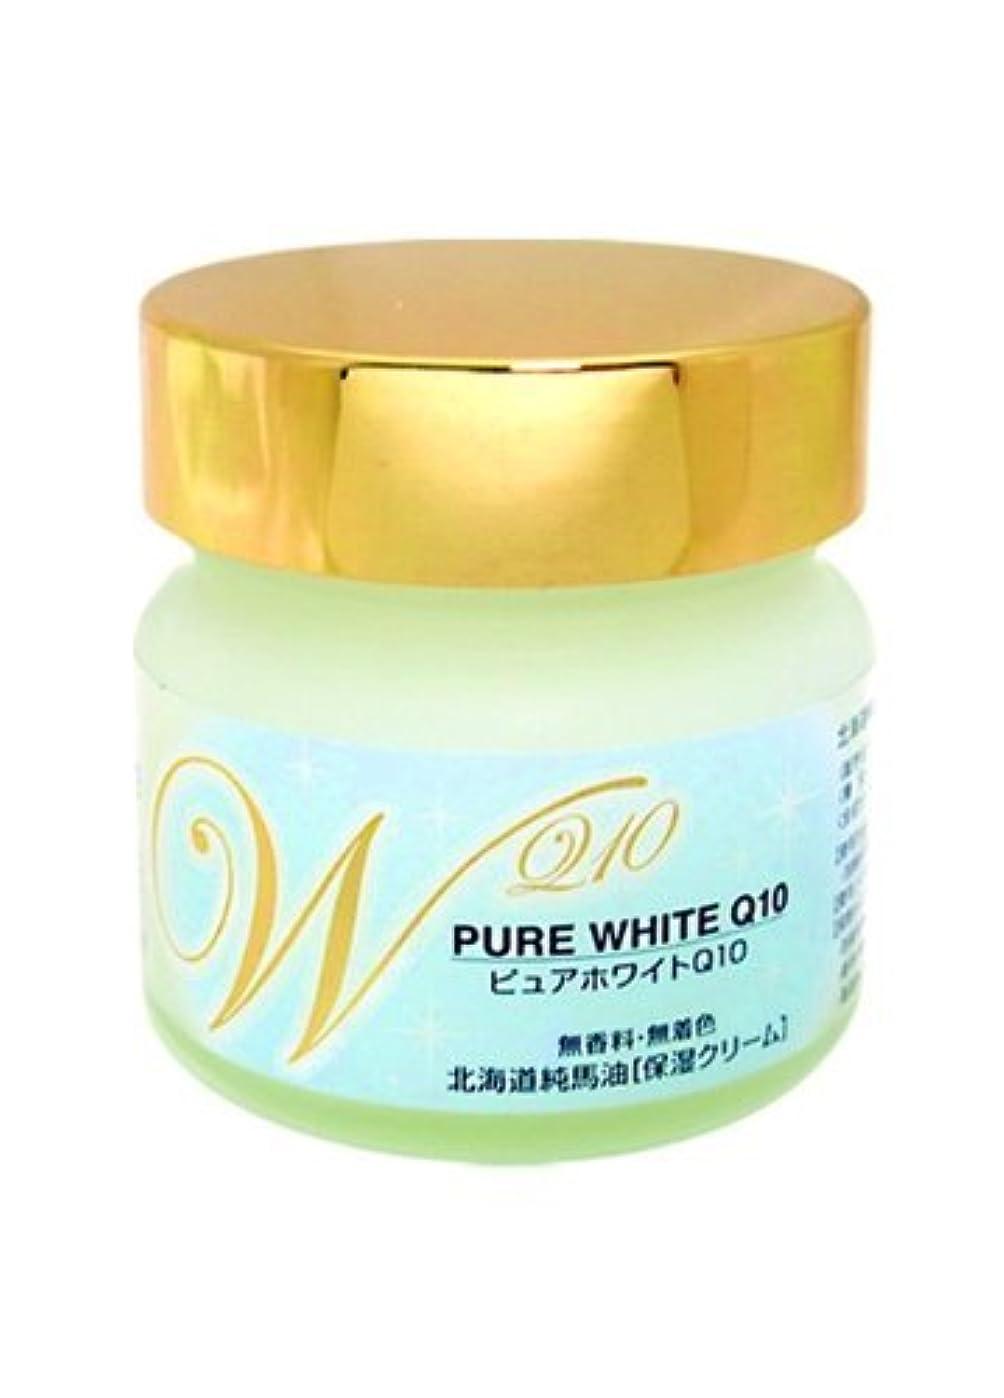 従者プラスチック着替えるピュアホワイトQ10 (無香料)